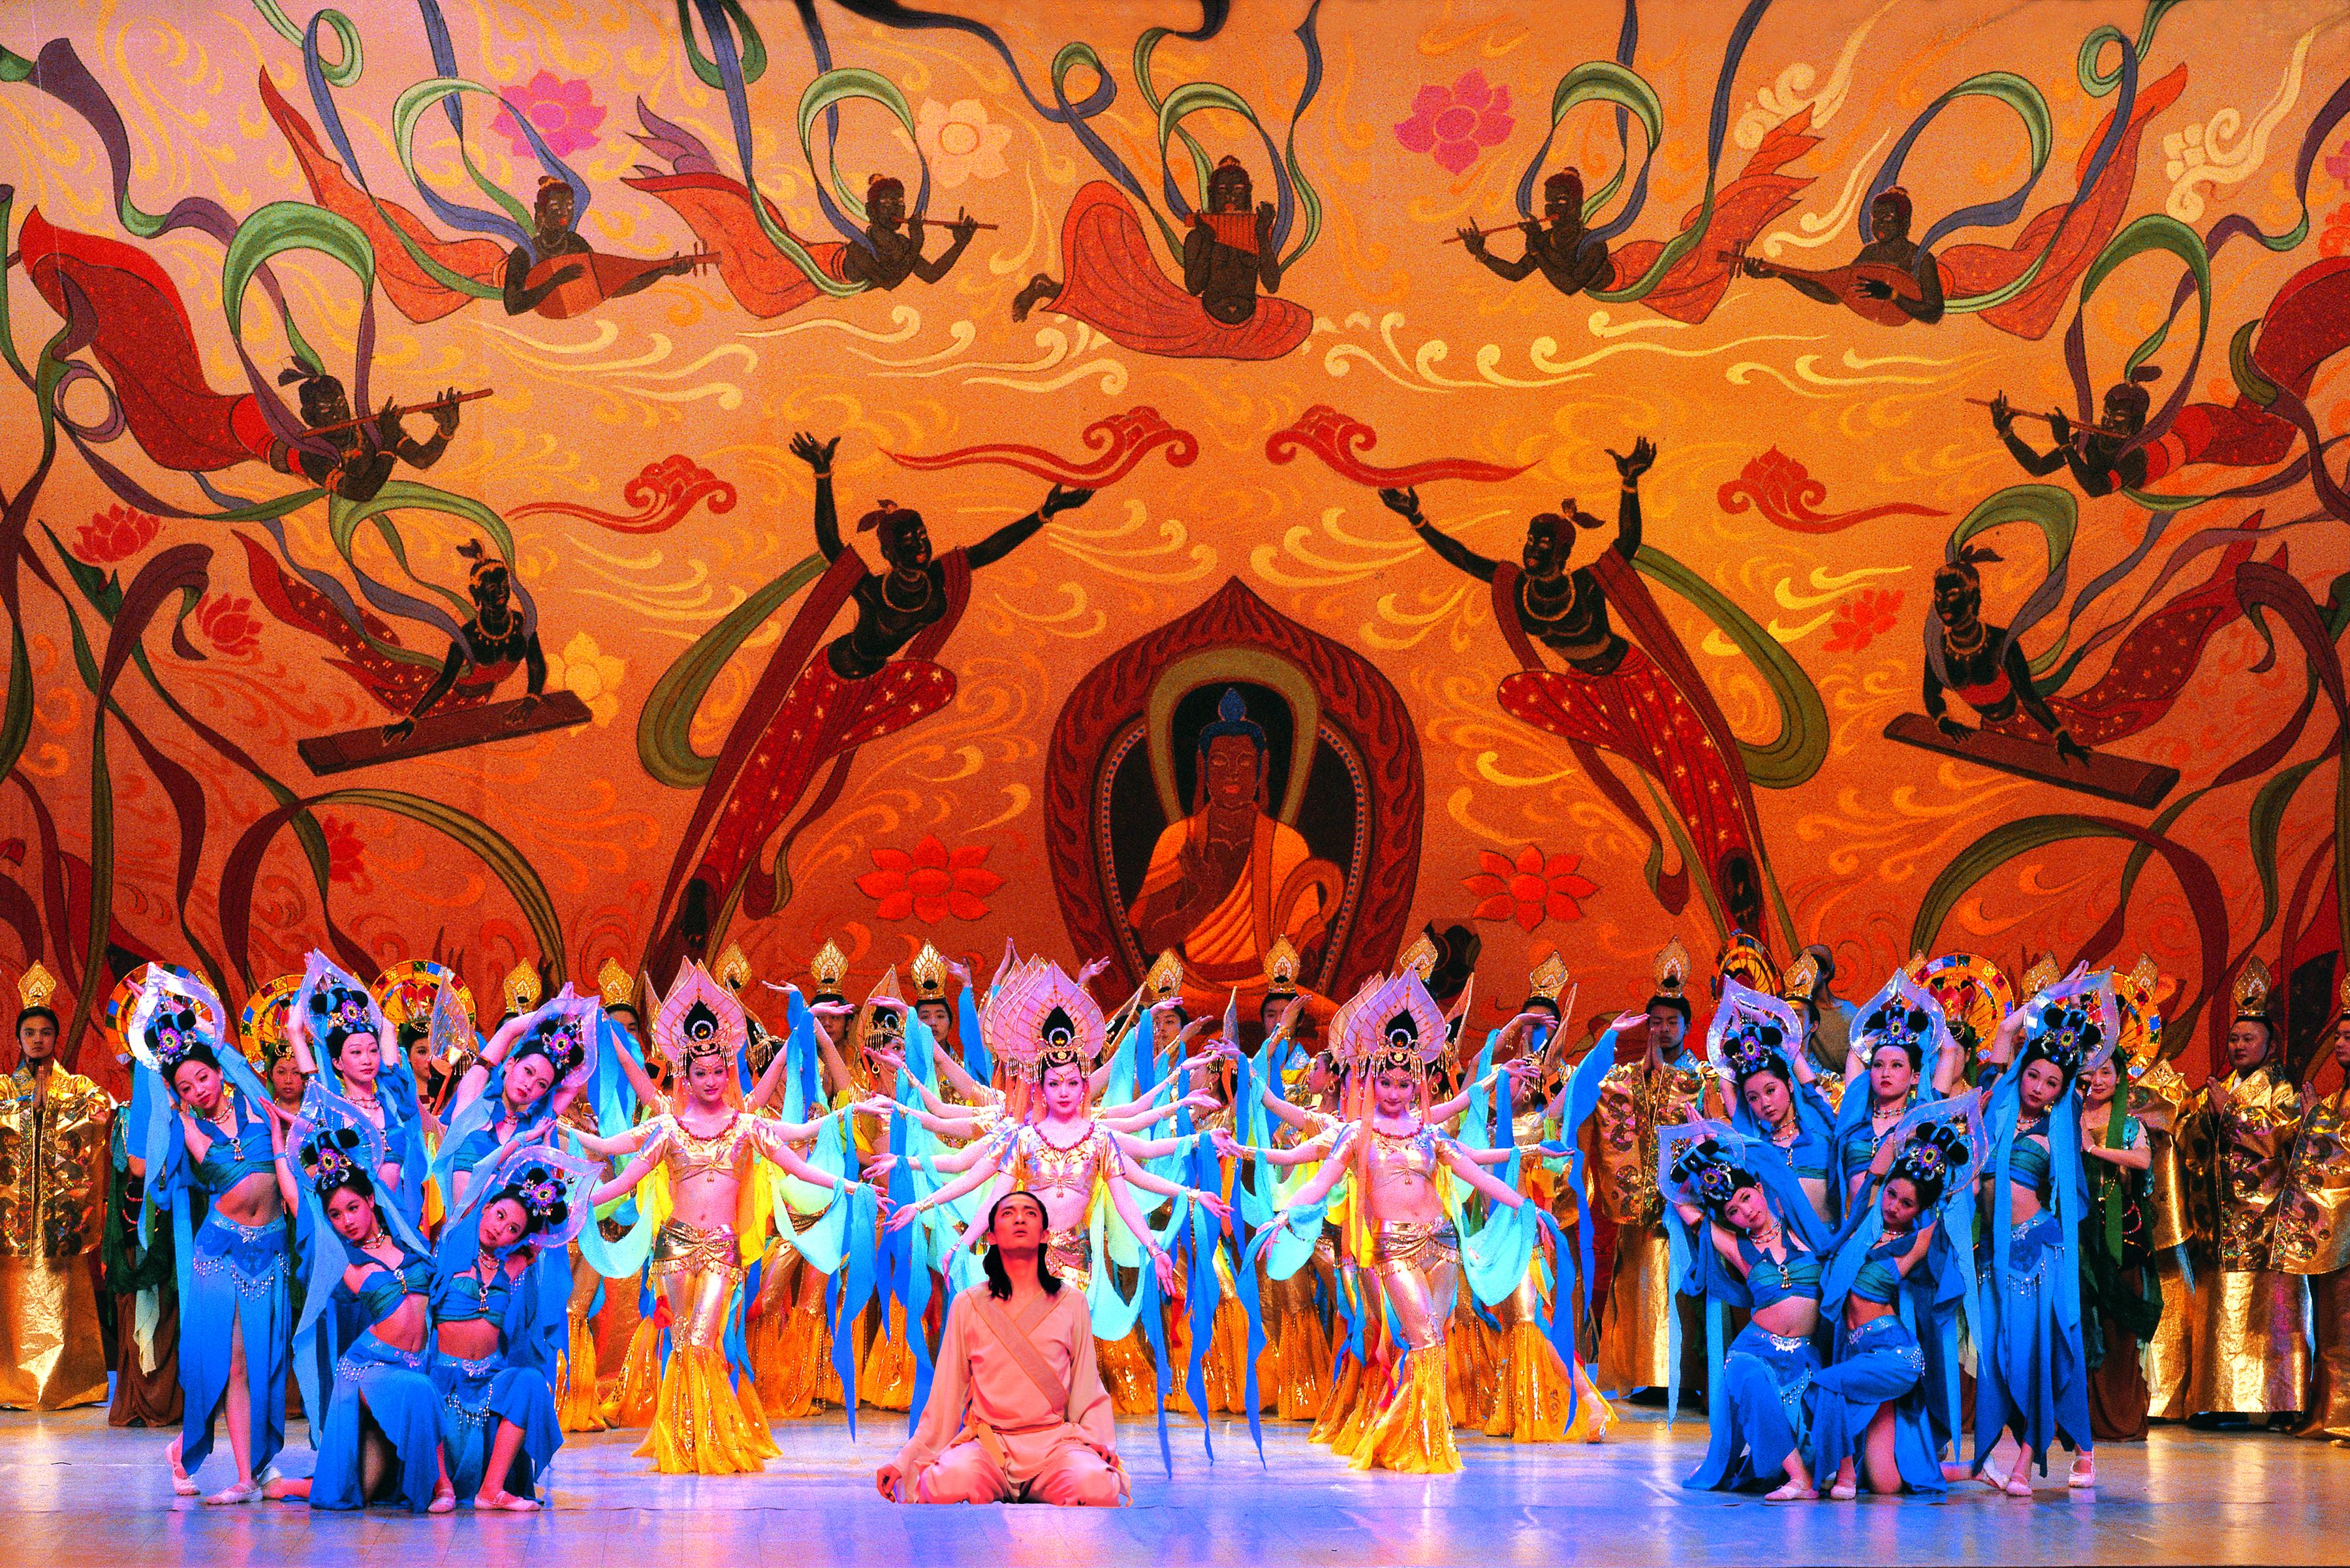 <大夢敦煌>是一部富有傳奇色彩的四幕舞劇,明年1月在紐約林肯中心登場。蘭州歌舞劇院/提供